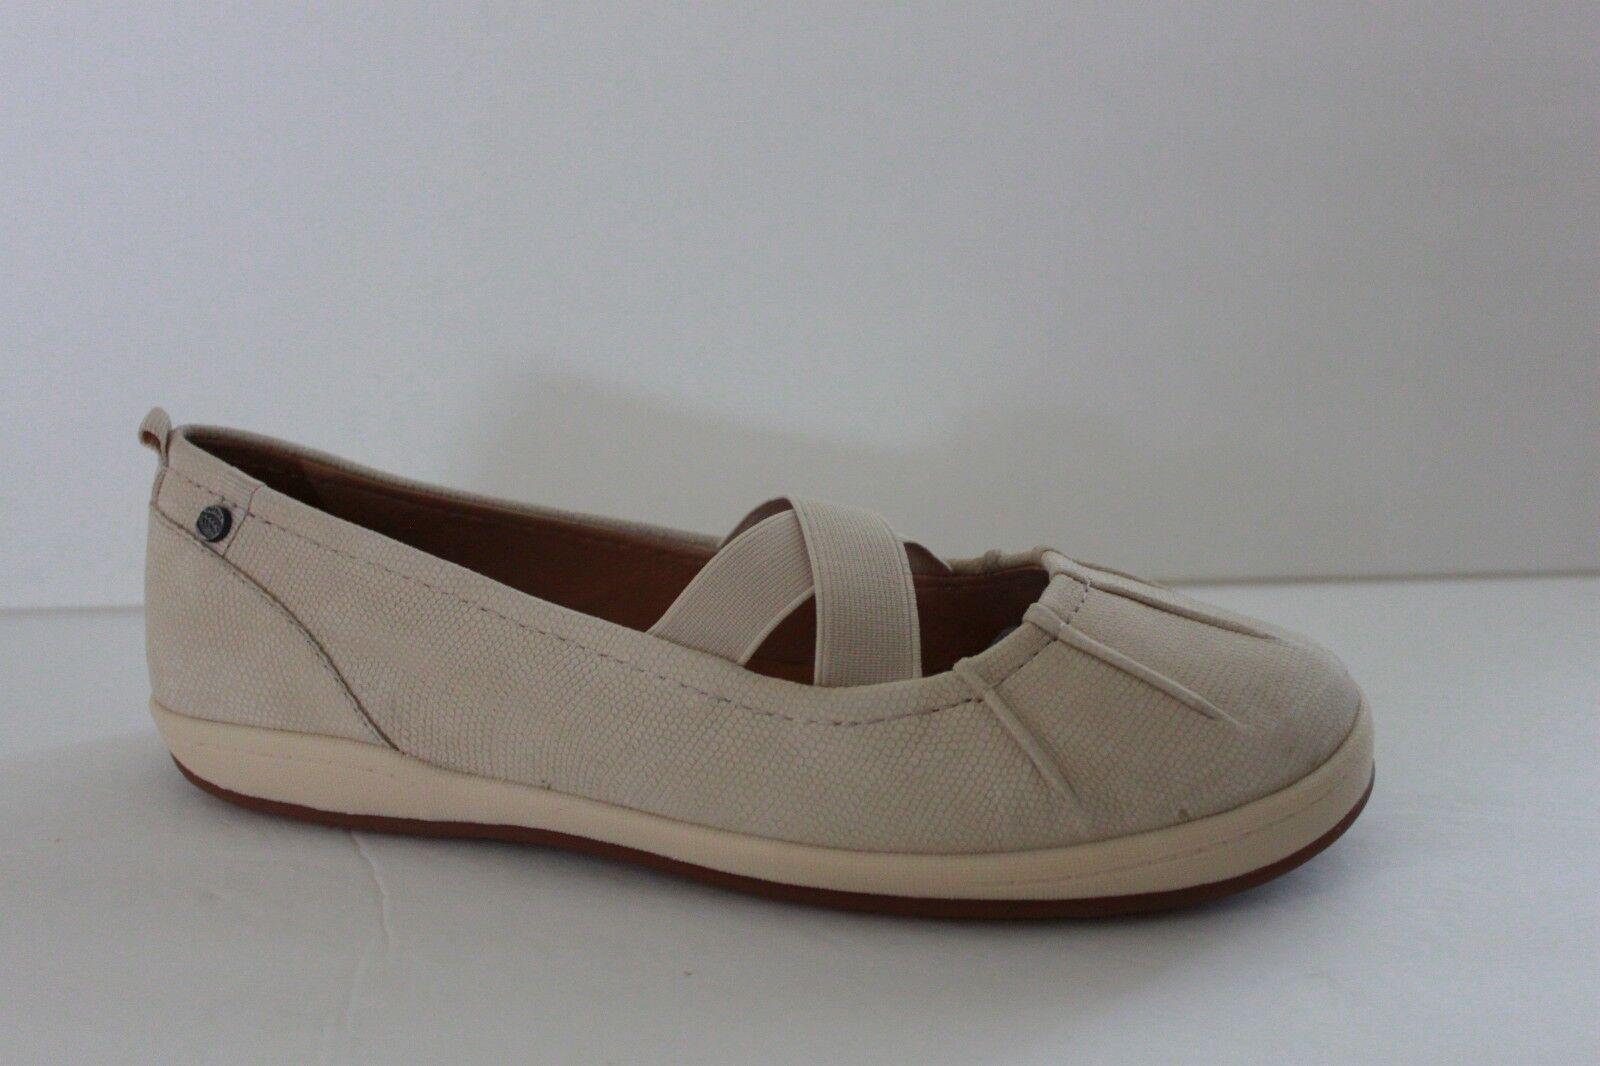 Nurture Damenschuhe Schuhe Größe 9 M Luna Bonita Cream Leder Casual Flat Sneaker